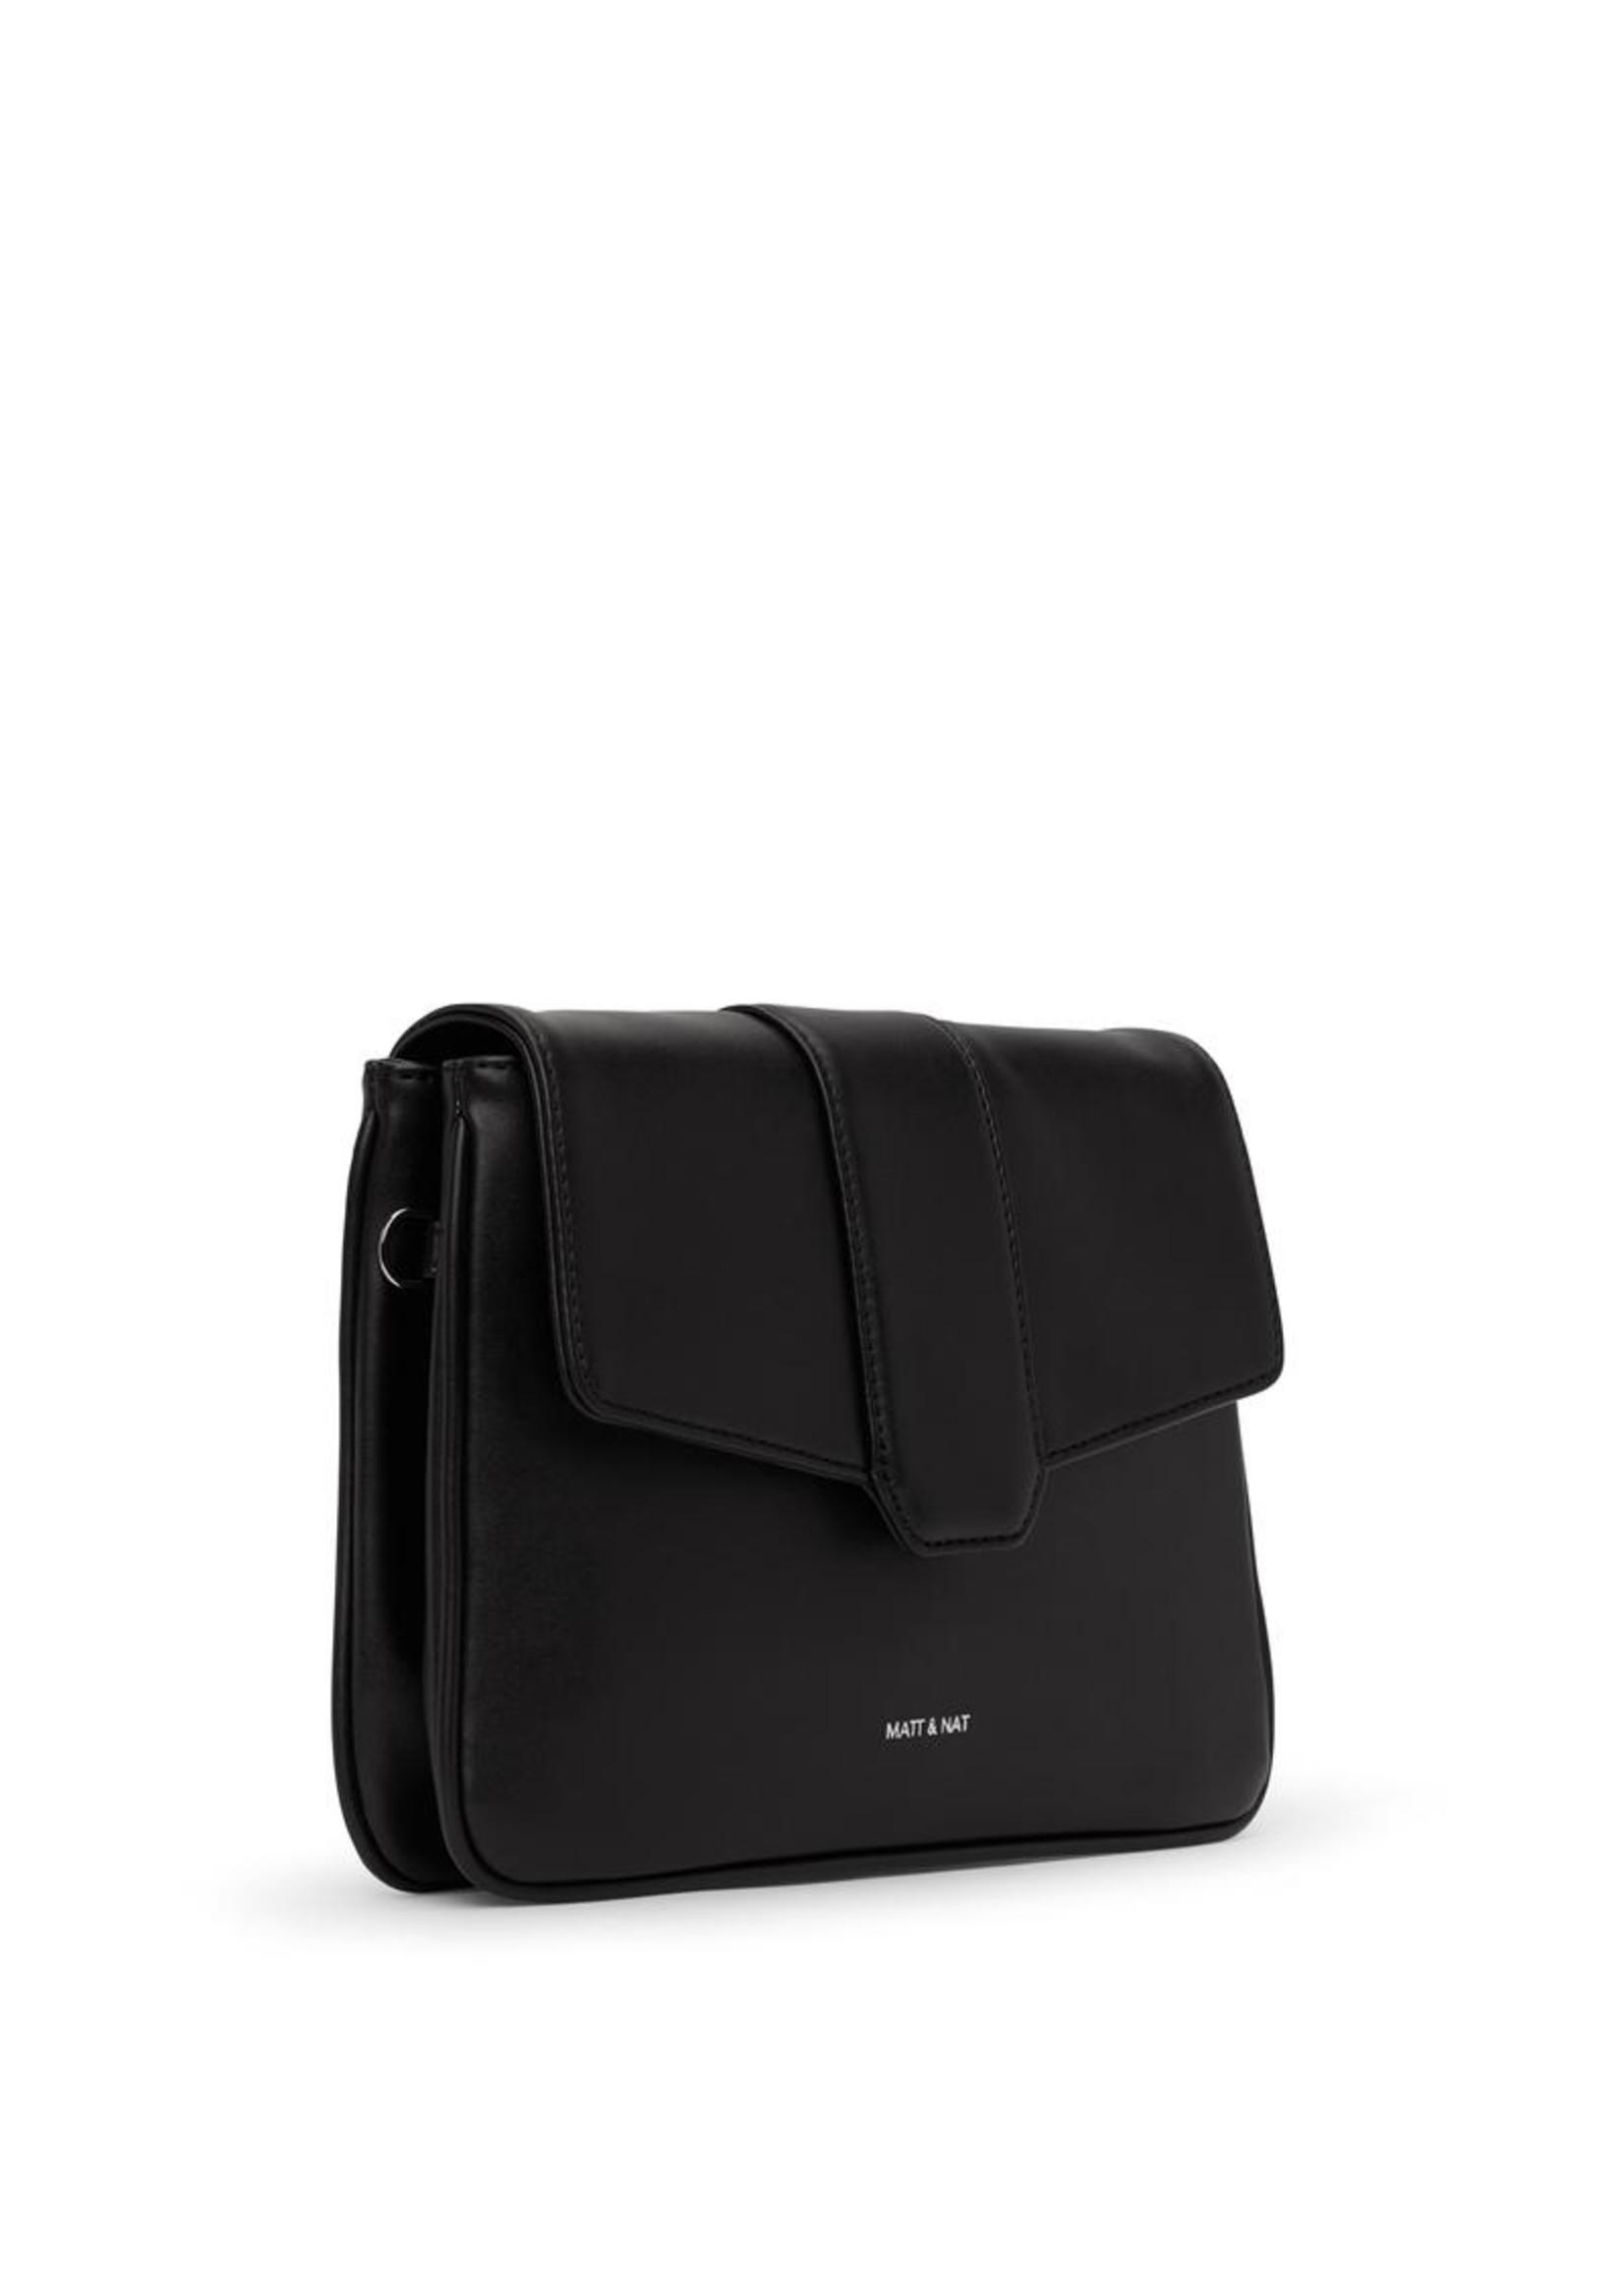 Matt & Nat ITO - LOOM Crossbody Bag